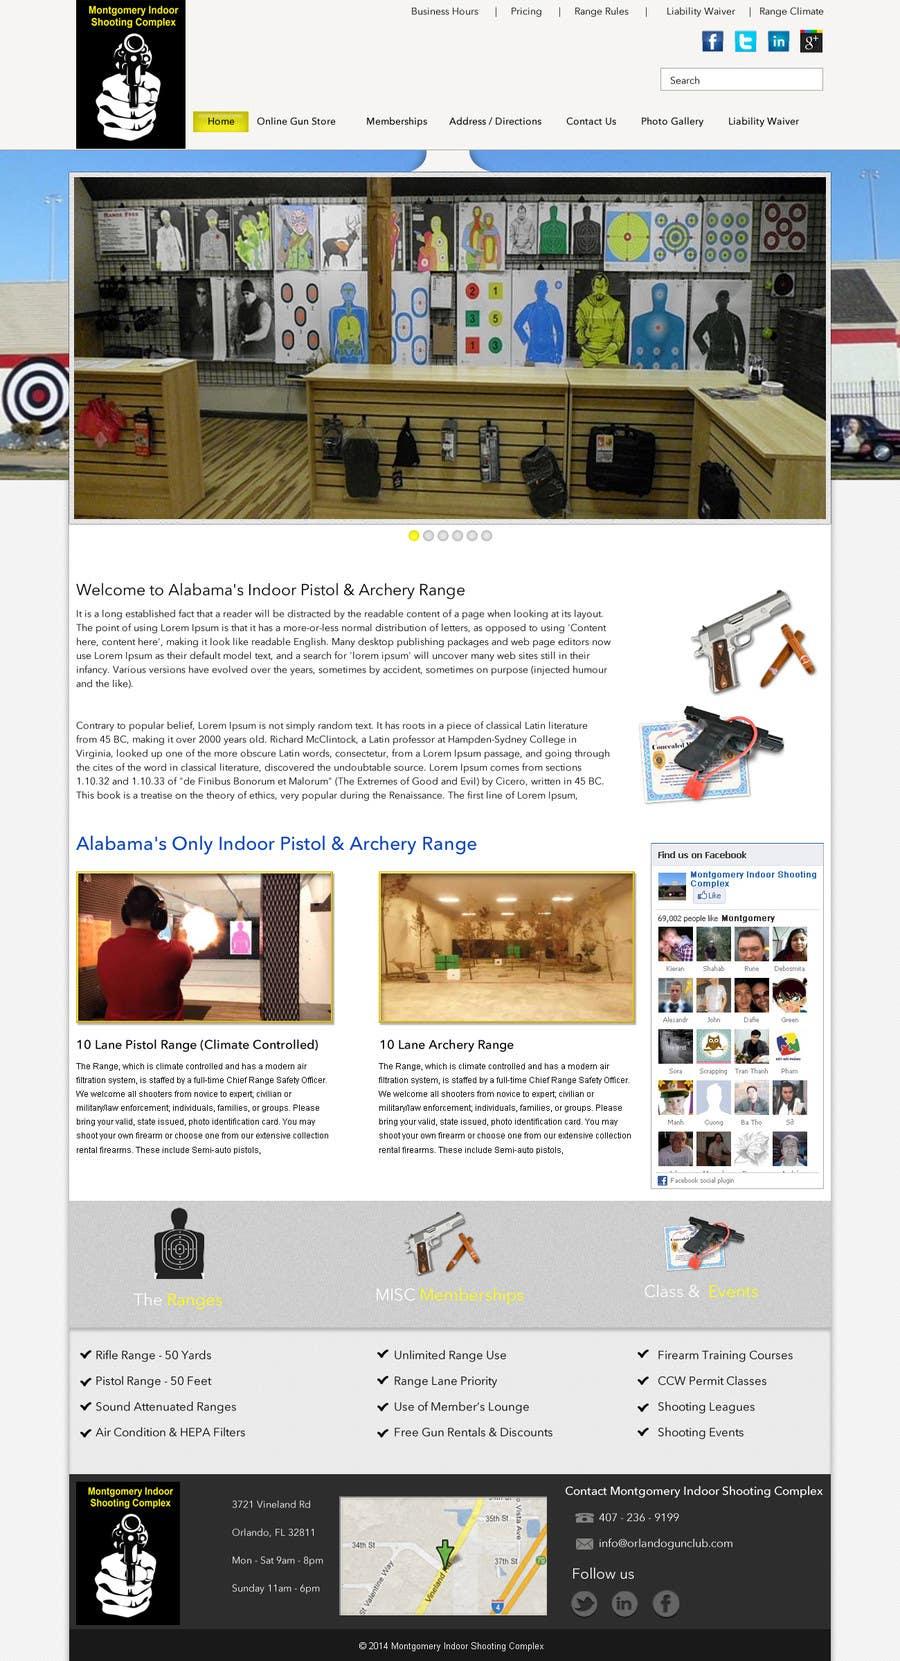 Penyertaan Peraduan #                                        6                                      untuk                                         Design a Website Mockup for Shooting Range